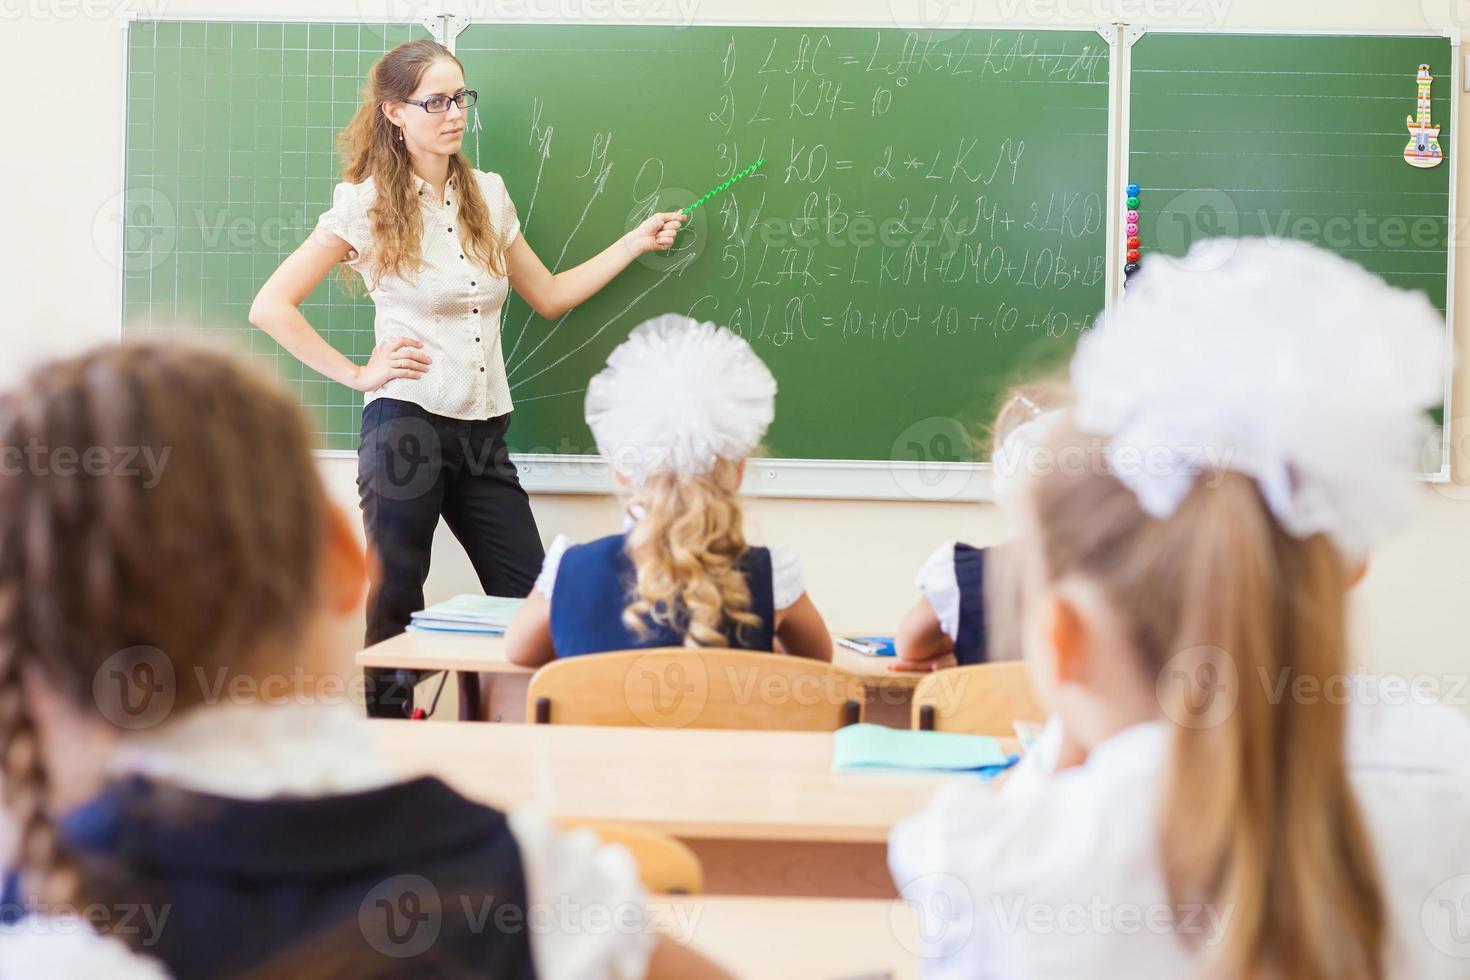 insegnante vicino lavagna insegnare ai bambini la matematica o la geometria, tenendo il puntatore. foto